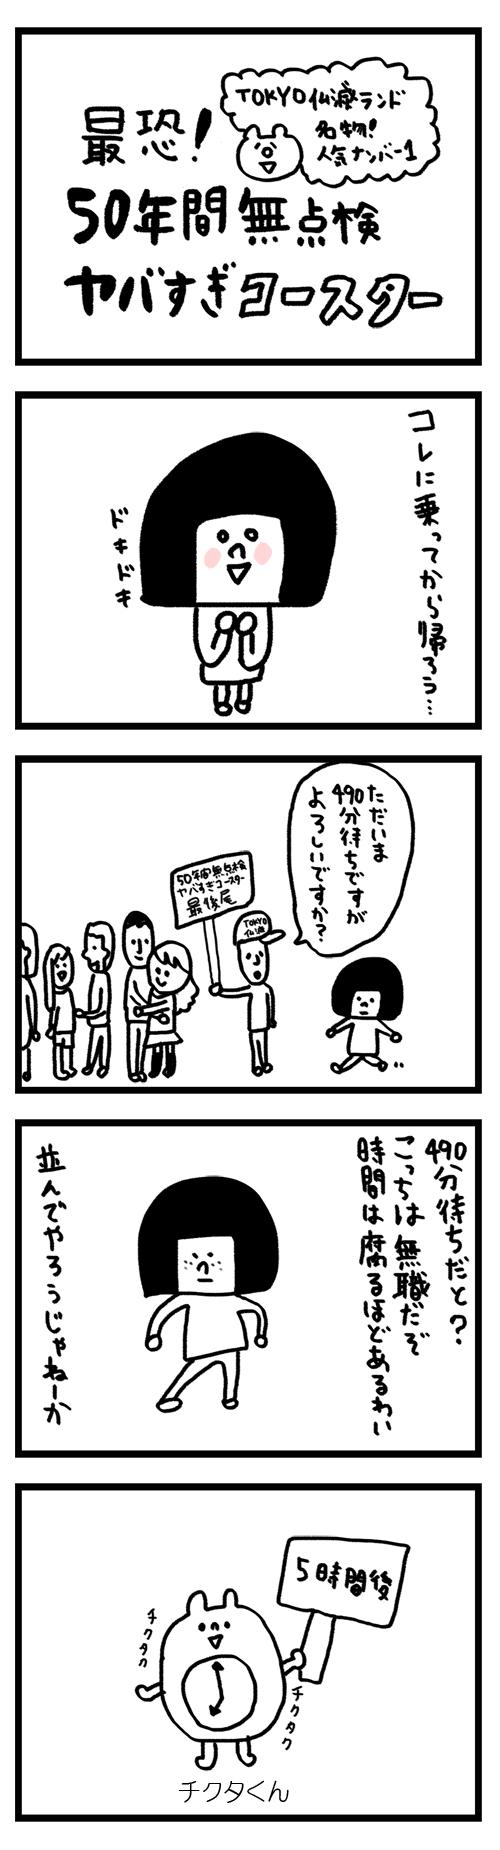 モテないアラサー漫画6